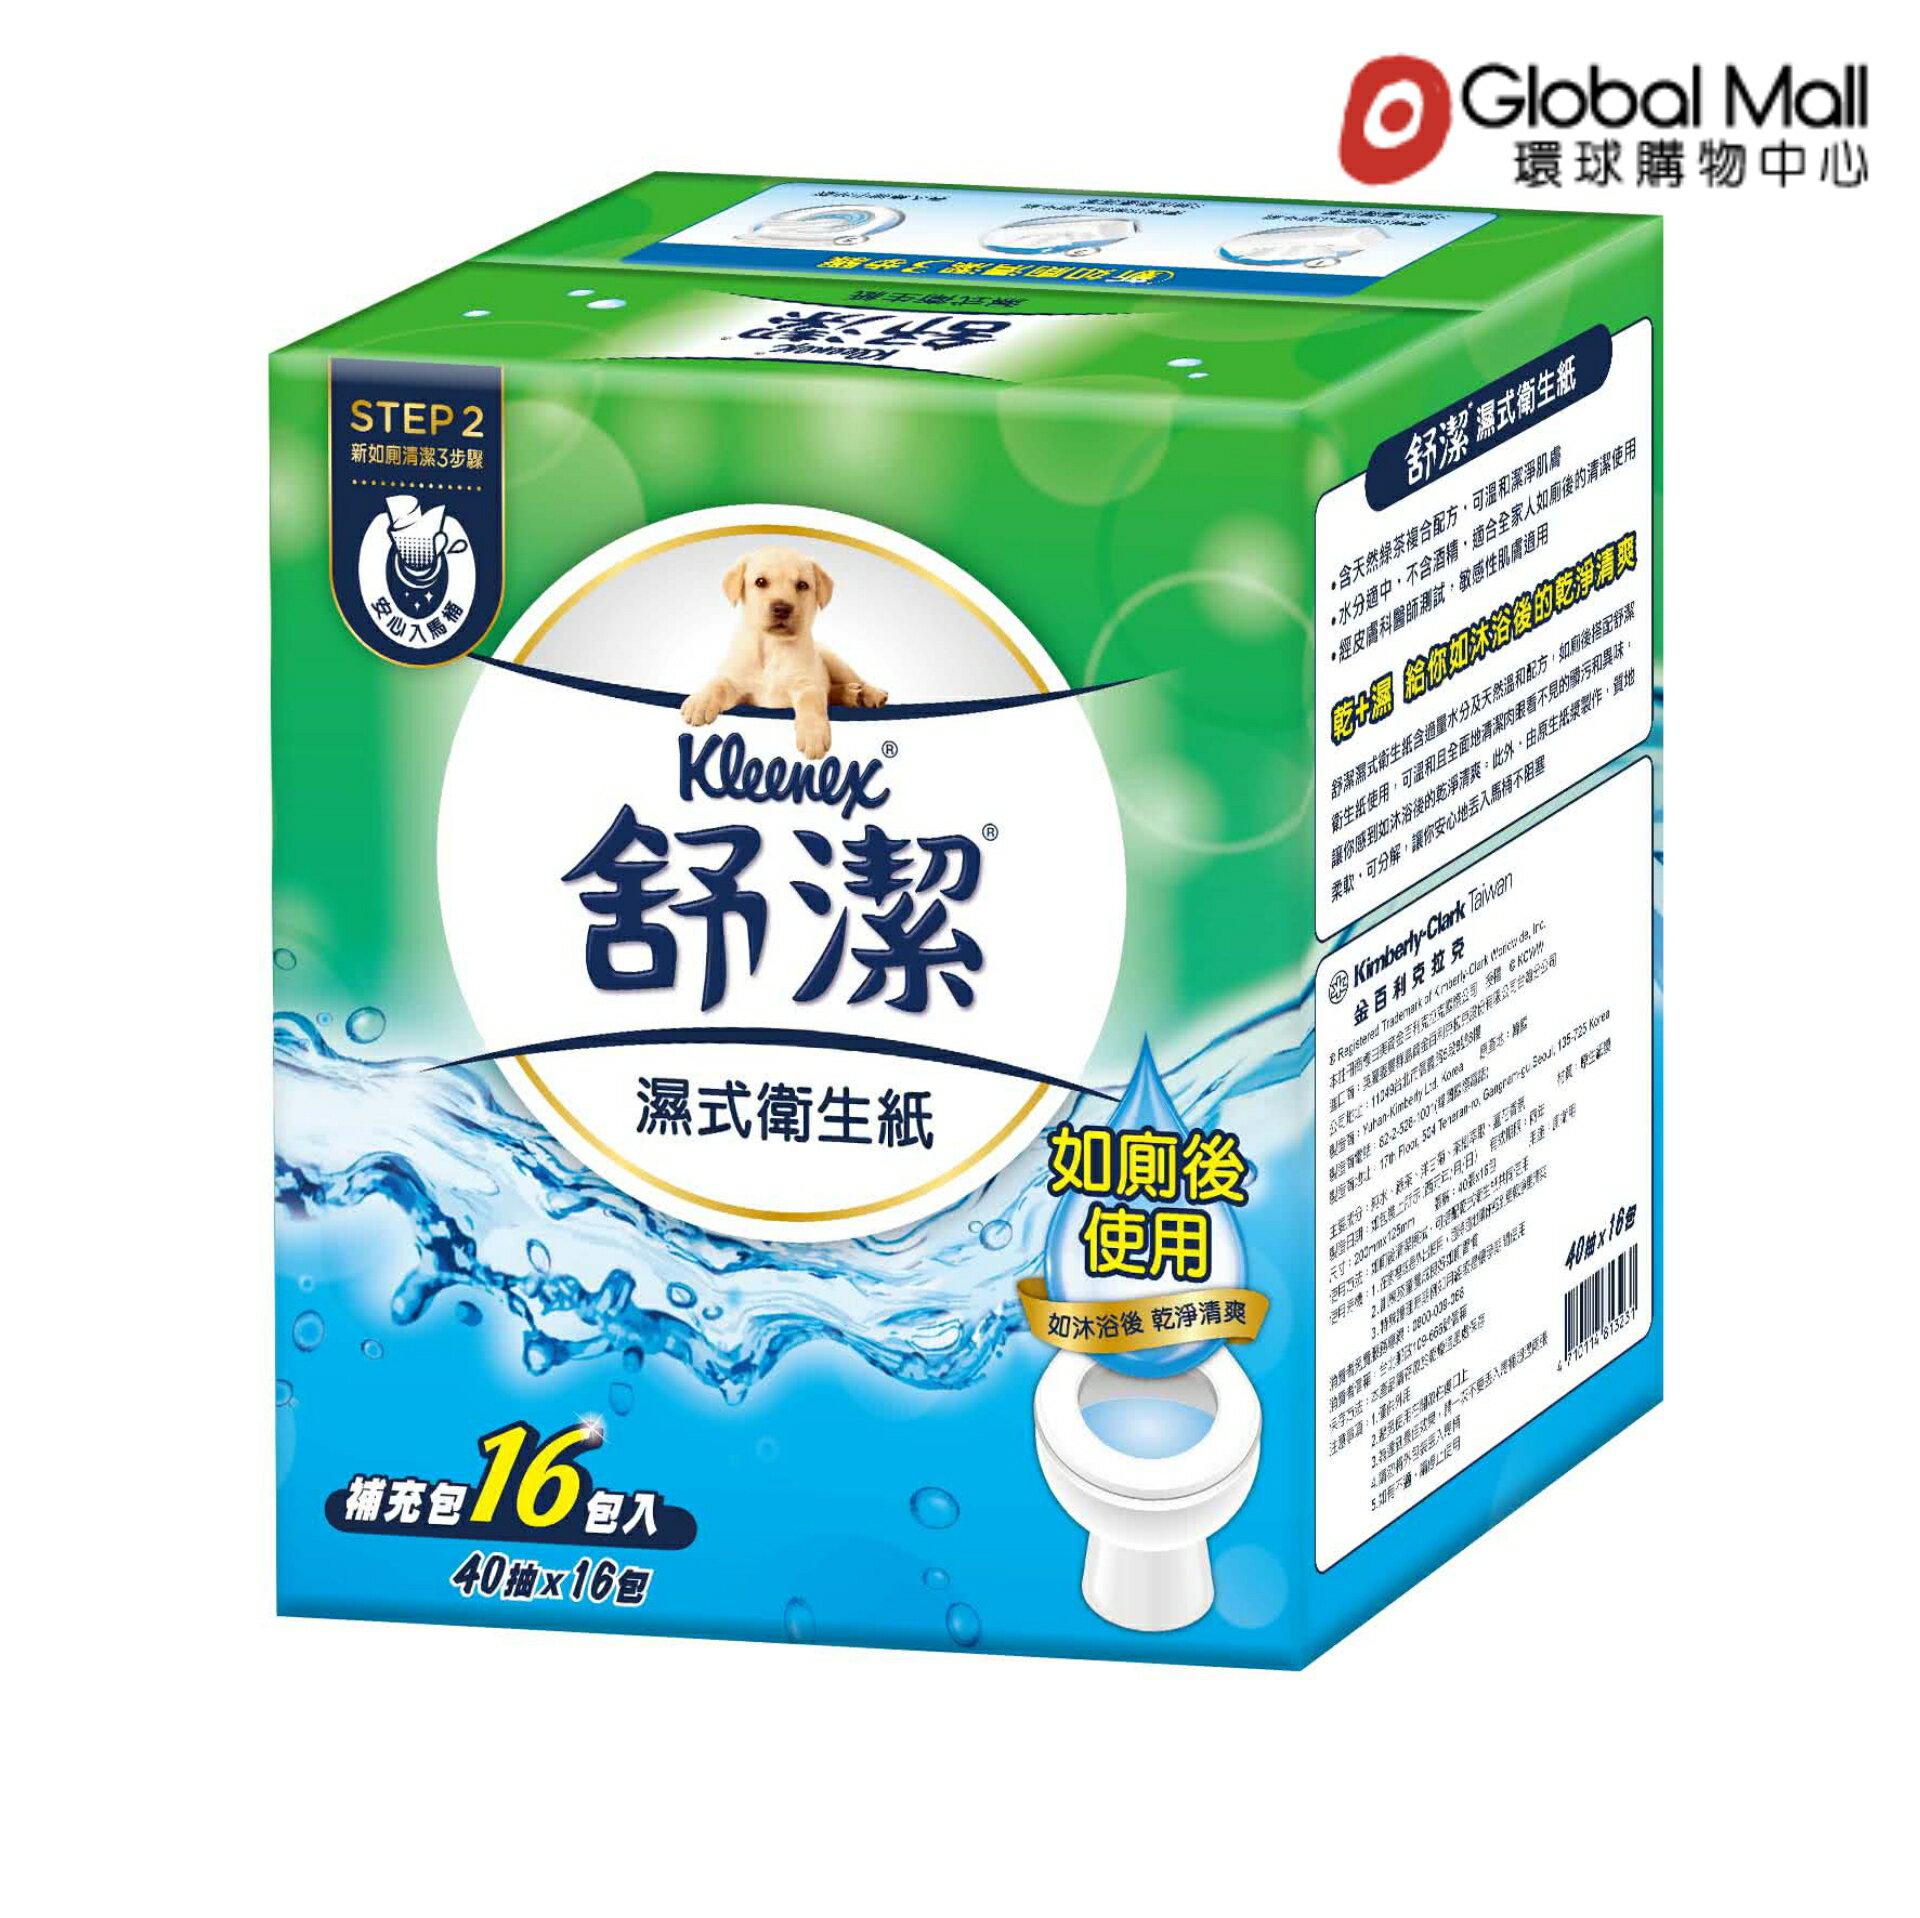 【舒潔】濕式衛生紙補充包 40抽x16包/箱